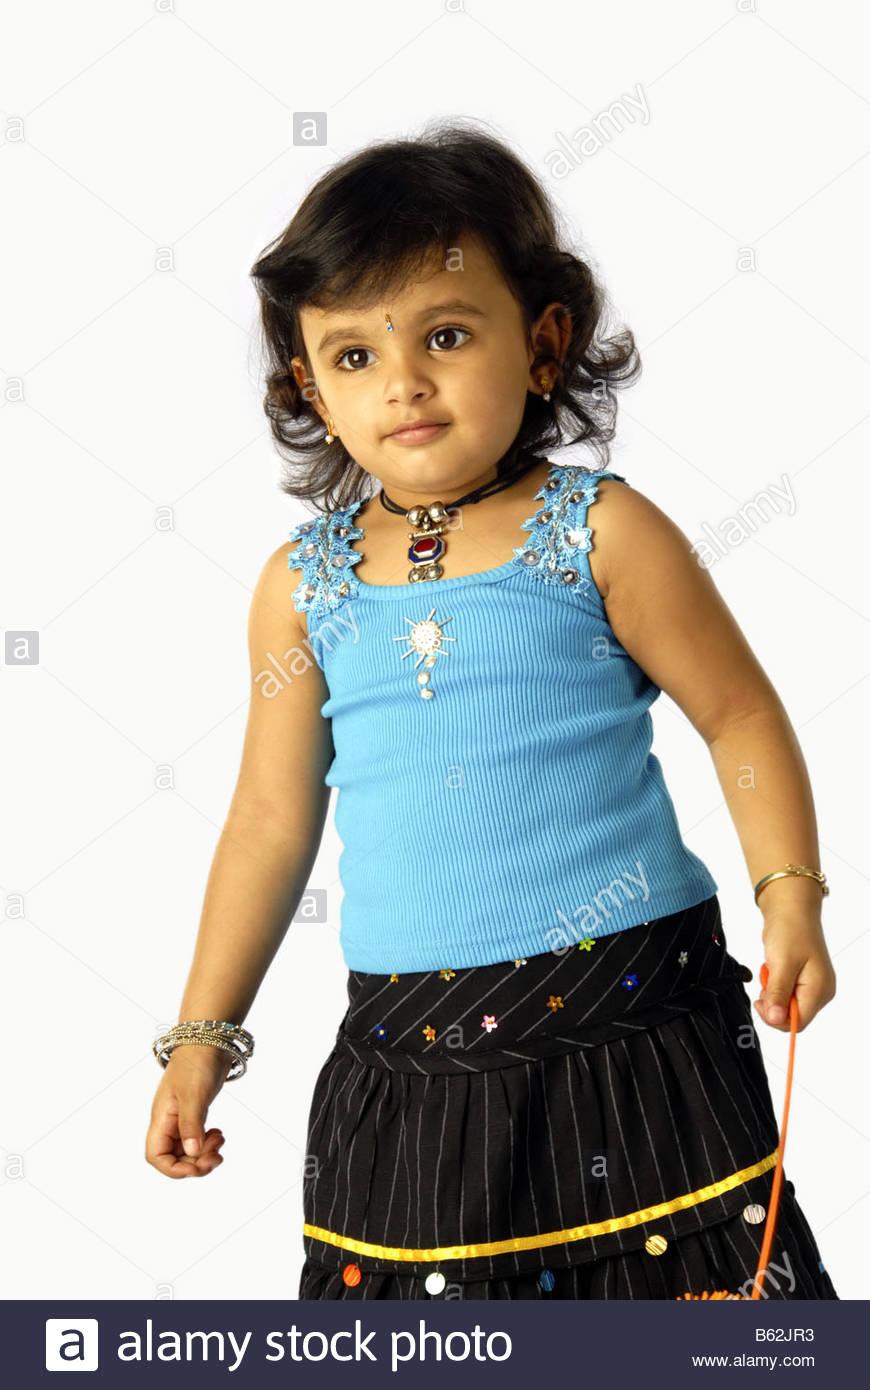 Angel of kerala small girls, zulu busty